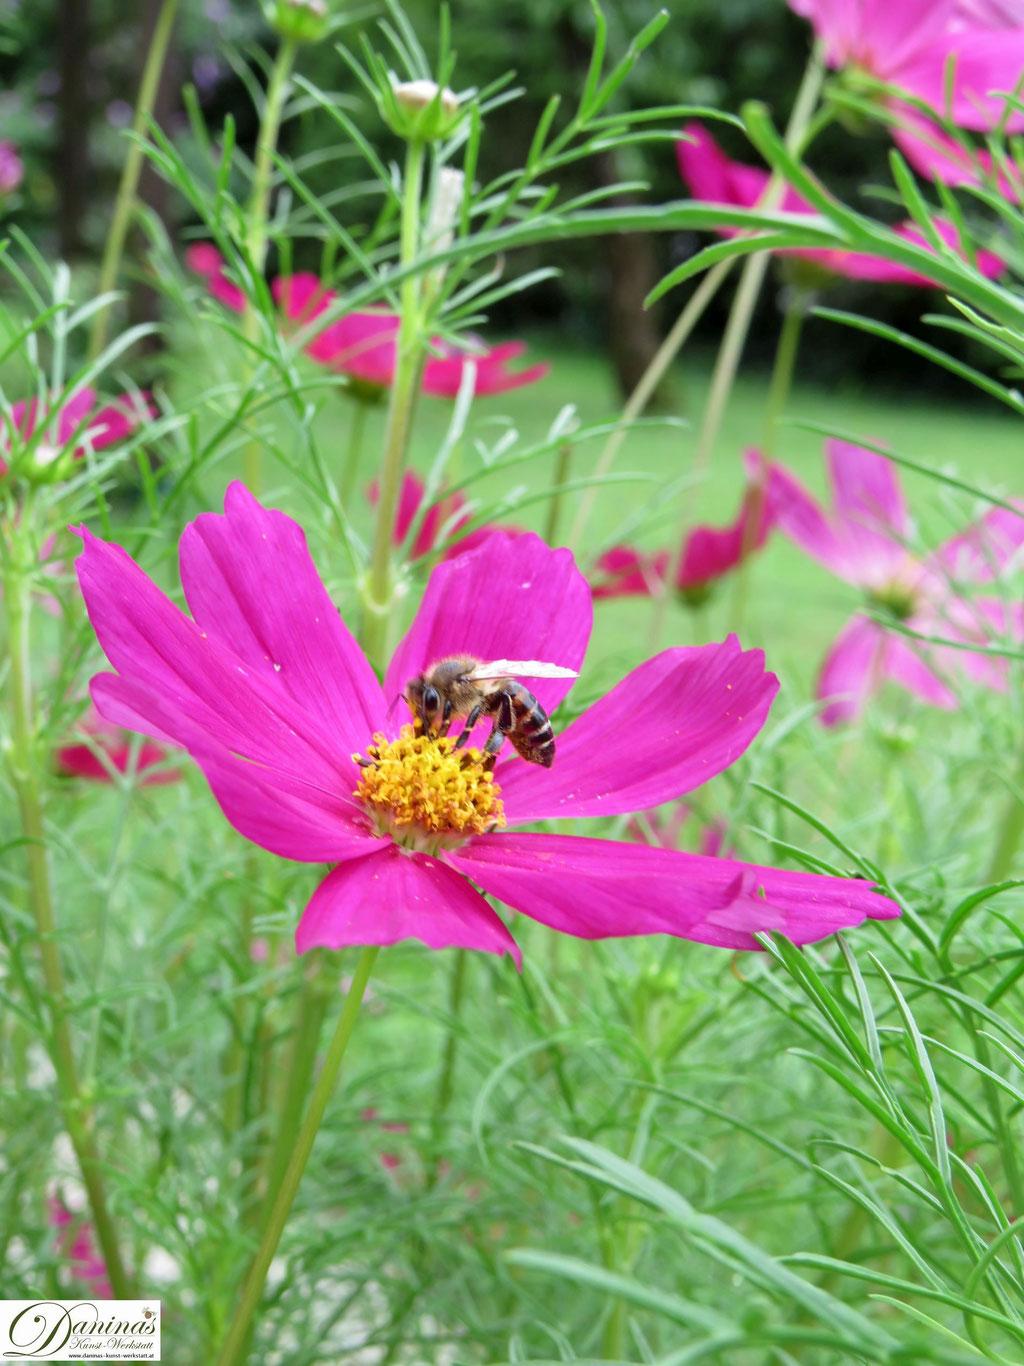 Schmuckkörbchen (Cosmea) - bienenfreundliche Blume